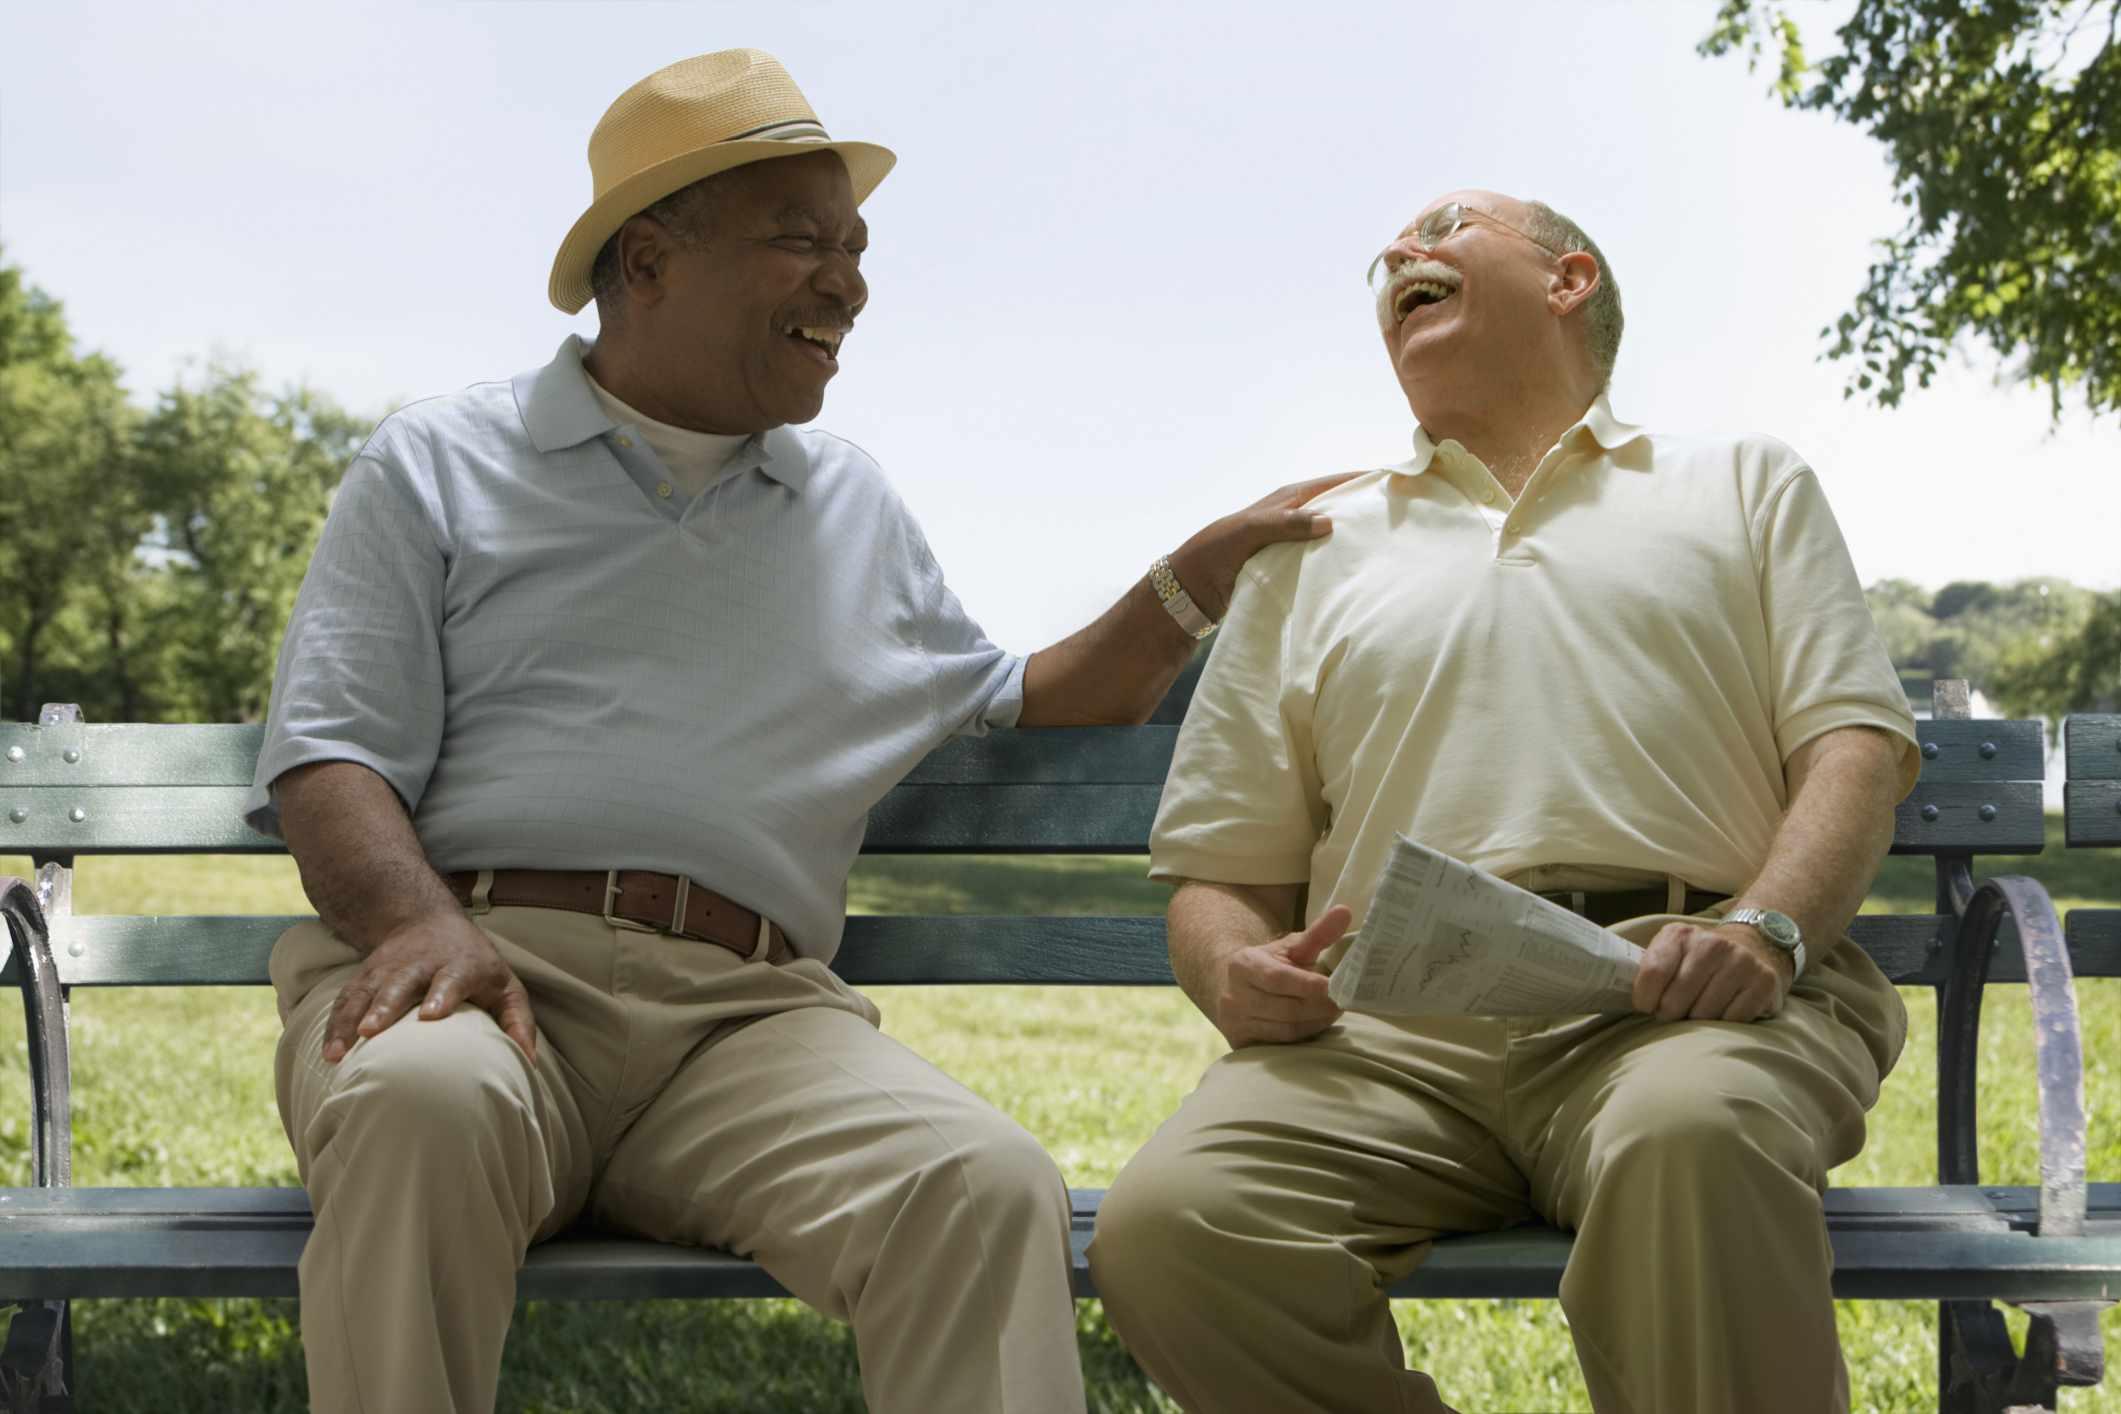 Men laughing on bench